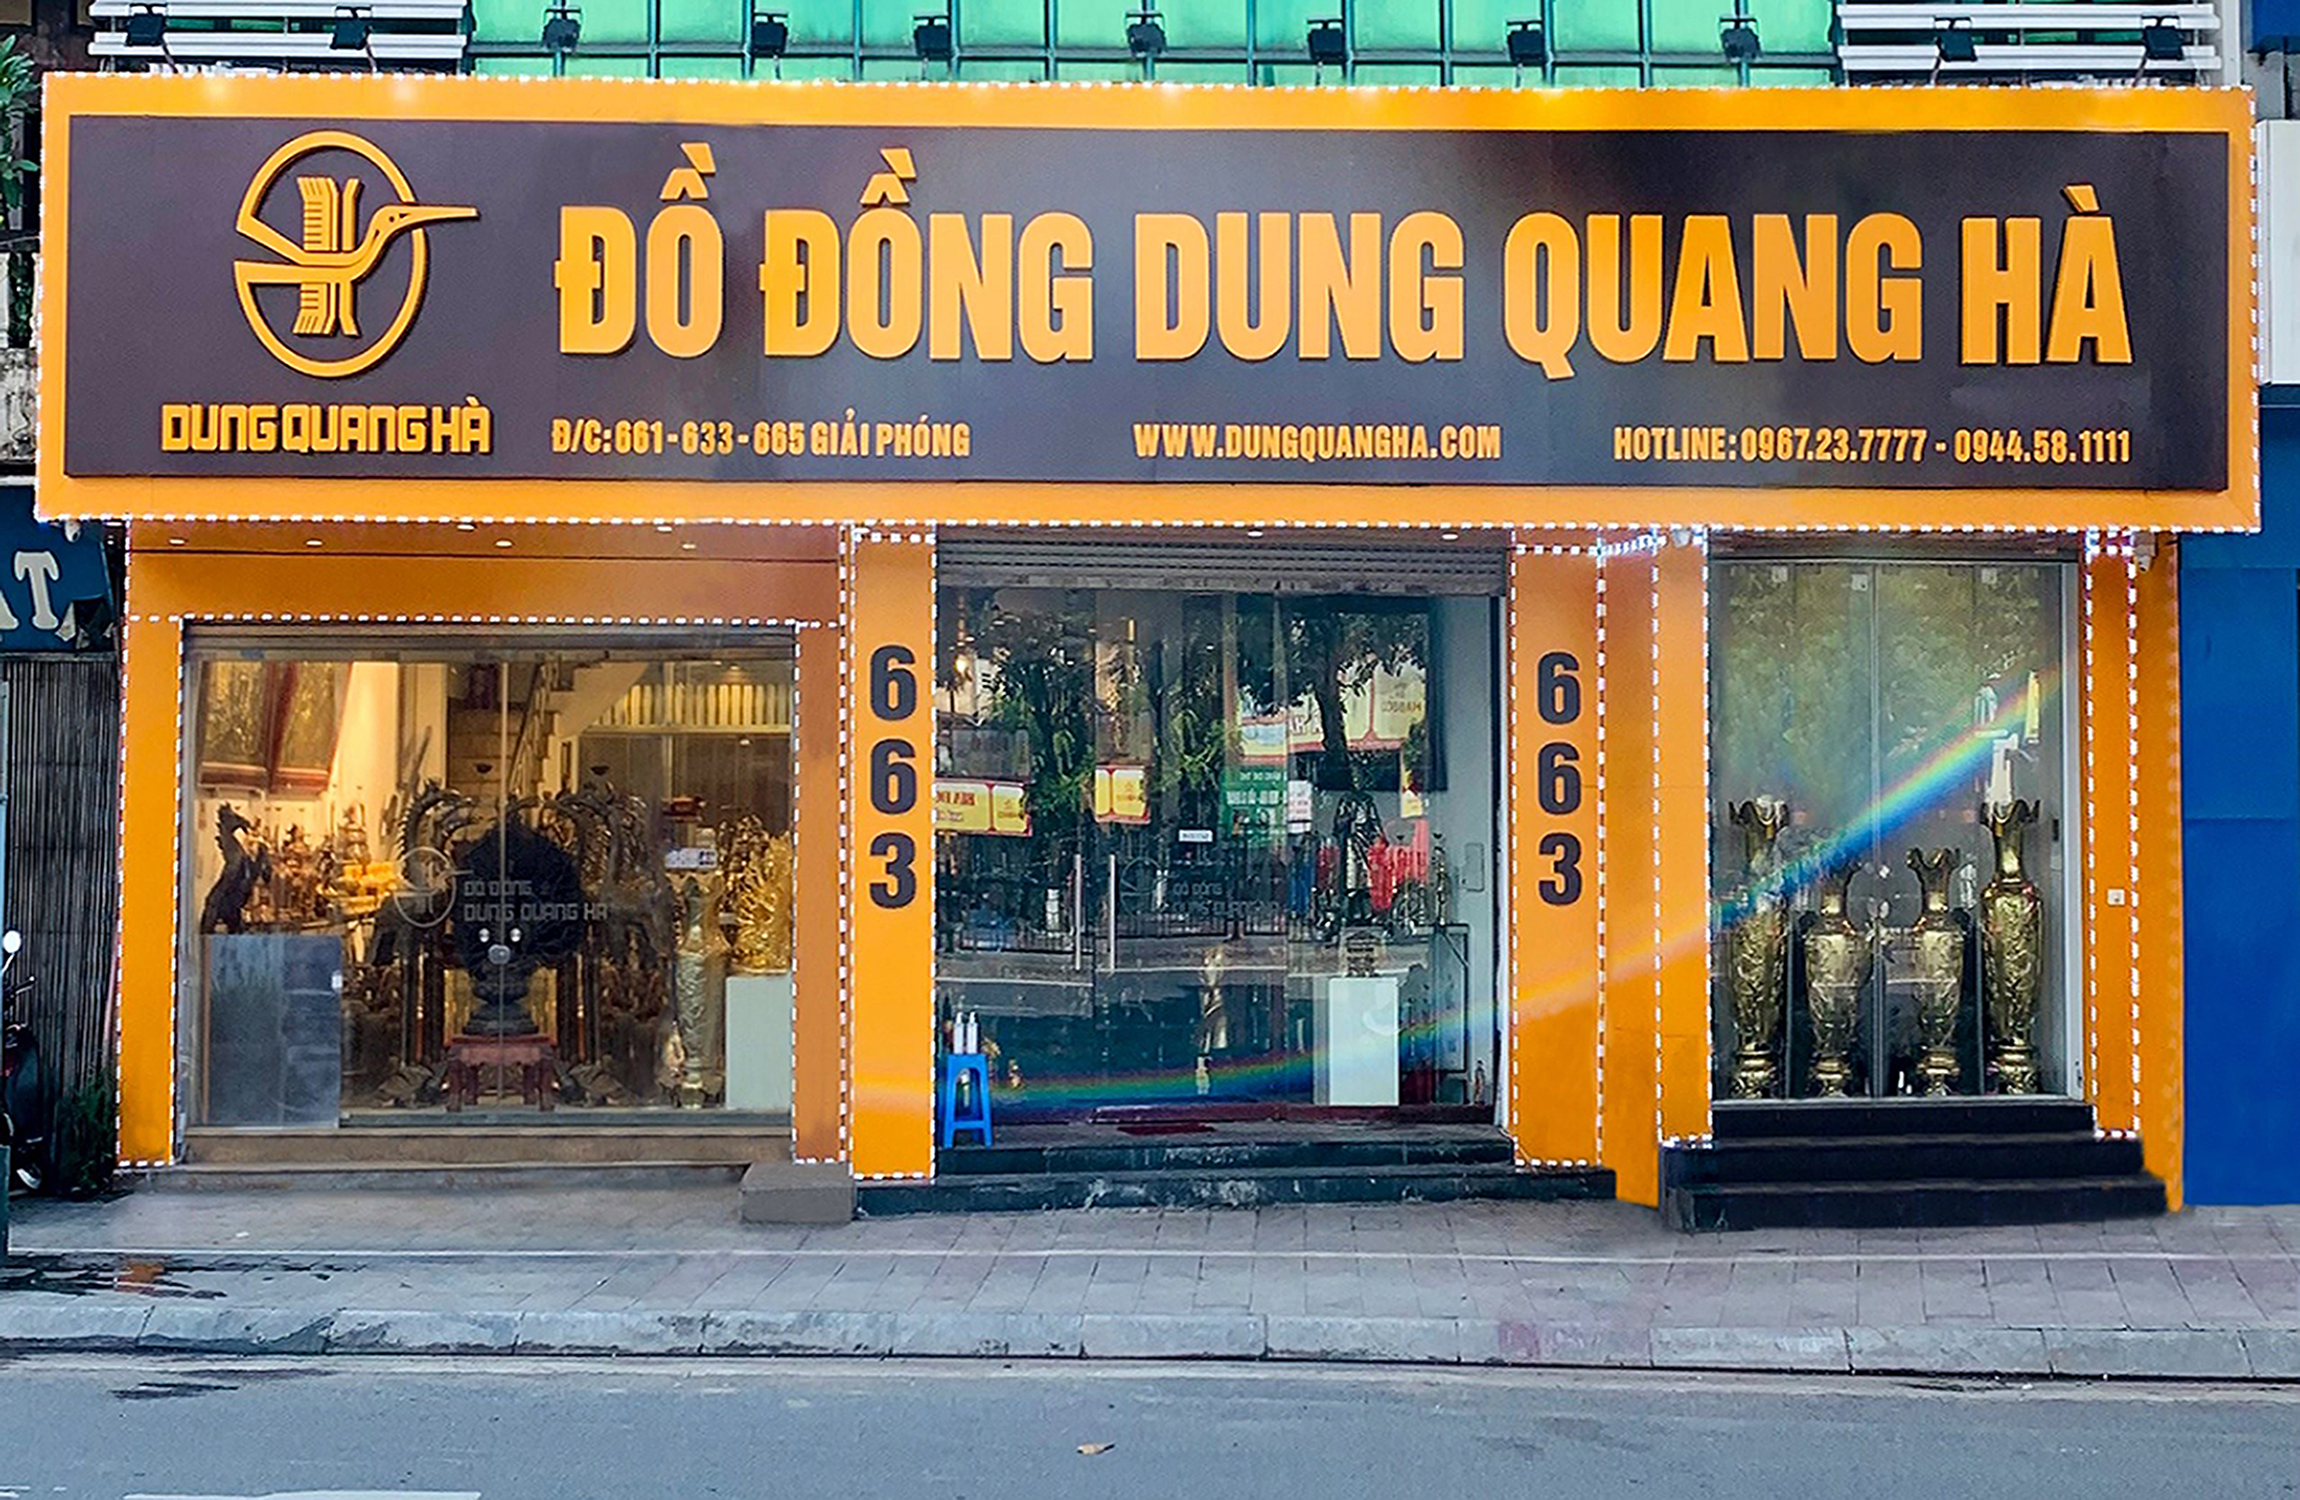 663 Giải Phóng, Hoàng Mai, Hà Nội